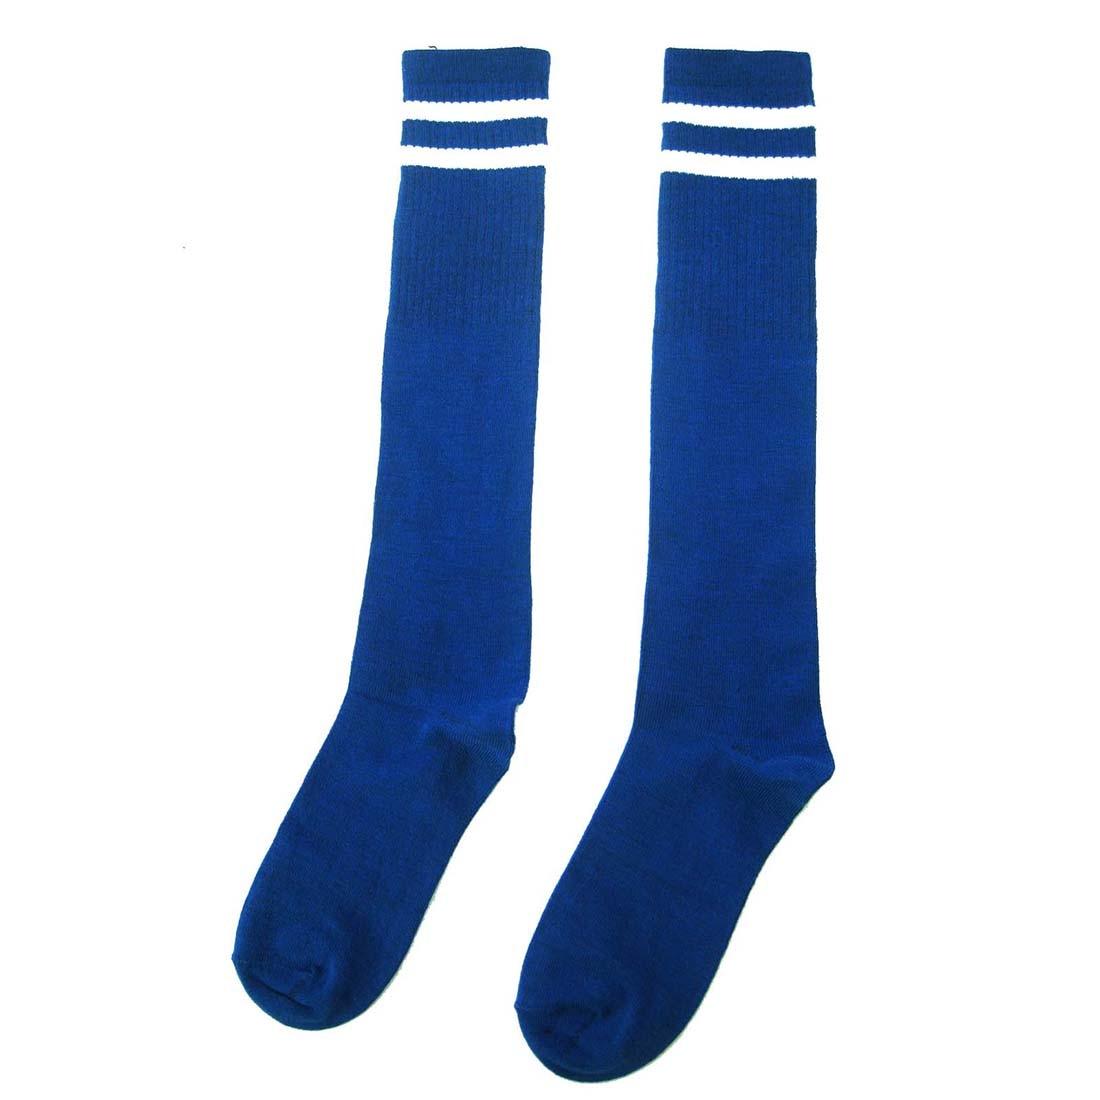 5 Pack Kids Football Soccer Long Socks Over Knee High Sock (Blue)